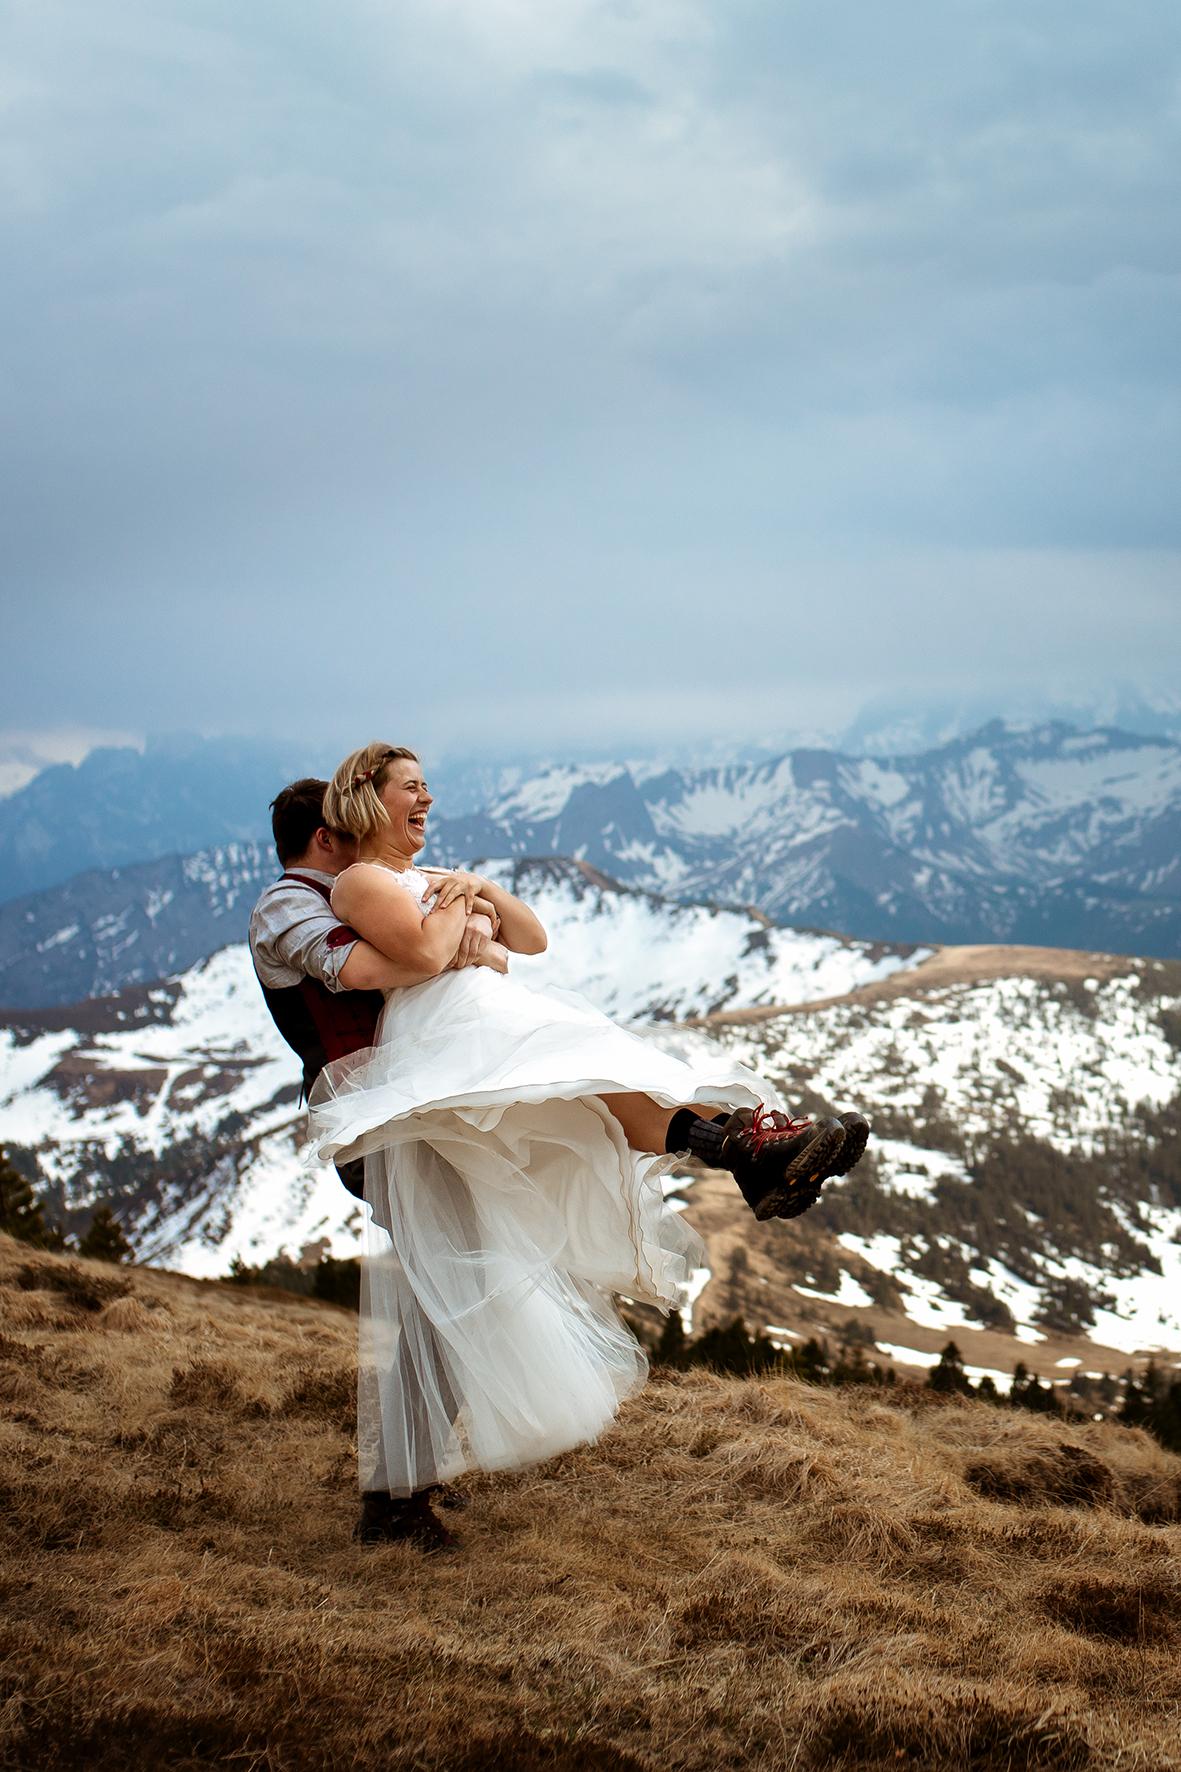 Hochzeit_zu_zweit_Berge_Schweiz_13